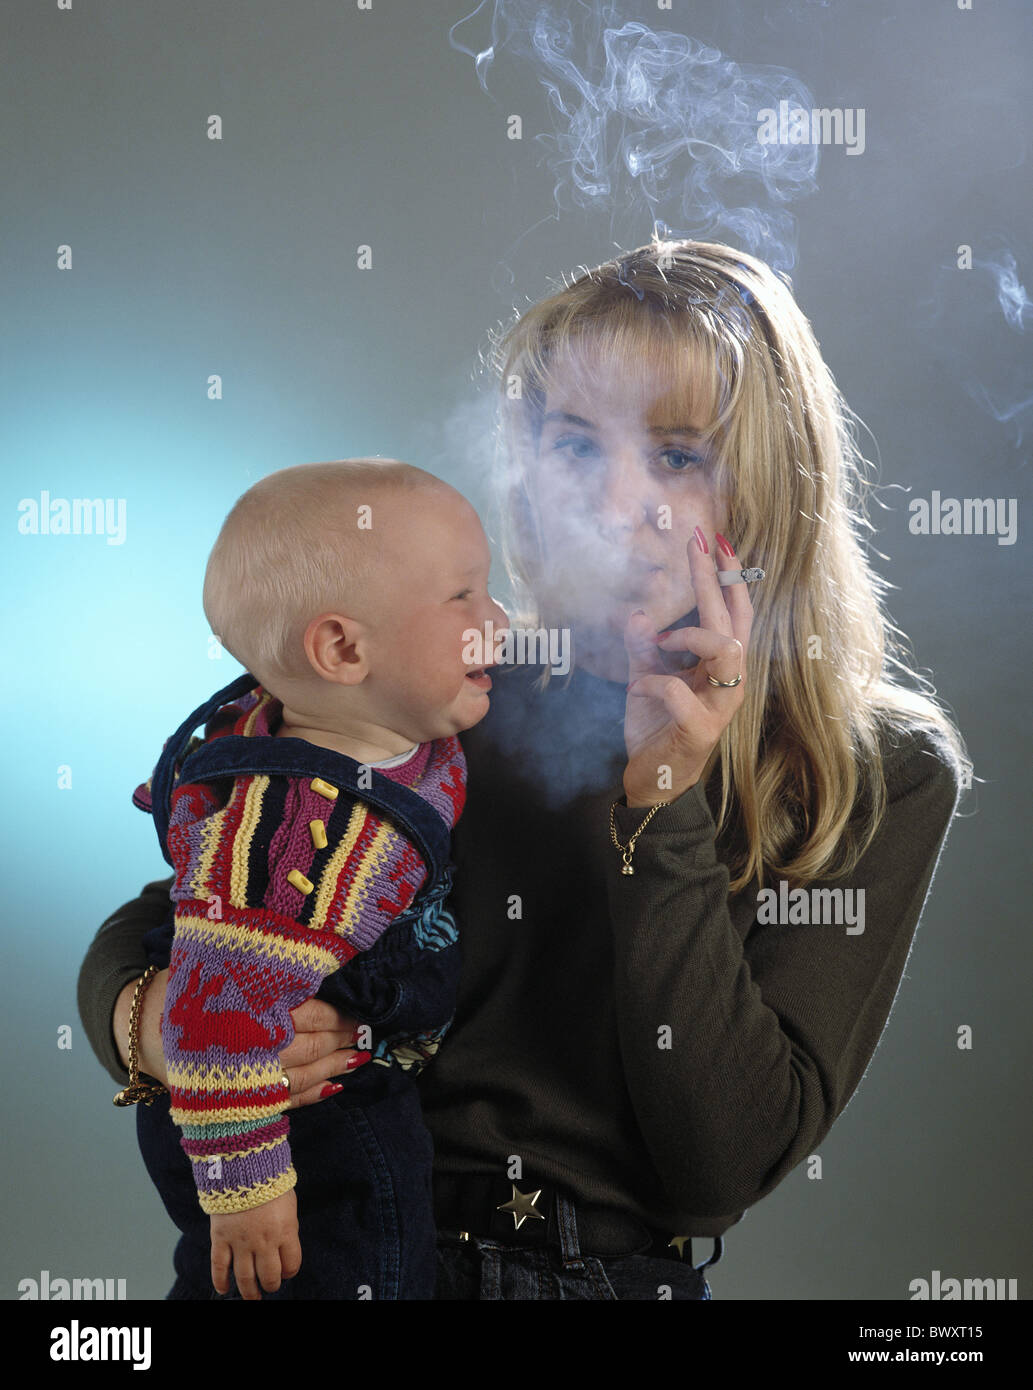 Anti-Raucher-Kampagne-Verbot von Rauchen Rauchen Kind Mutter Nichtraucherschutz rauchende Frau in der Nähe Stockbild